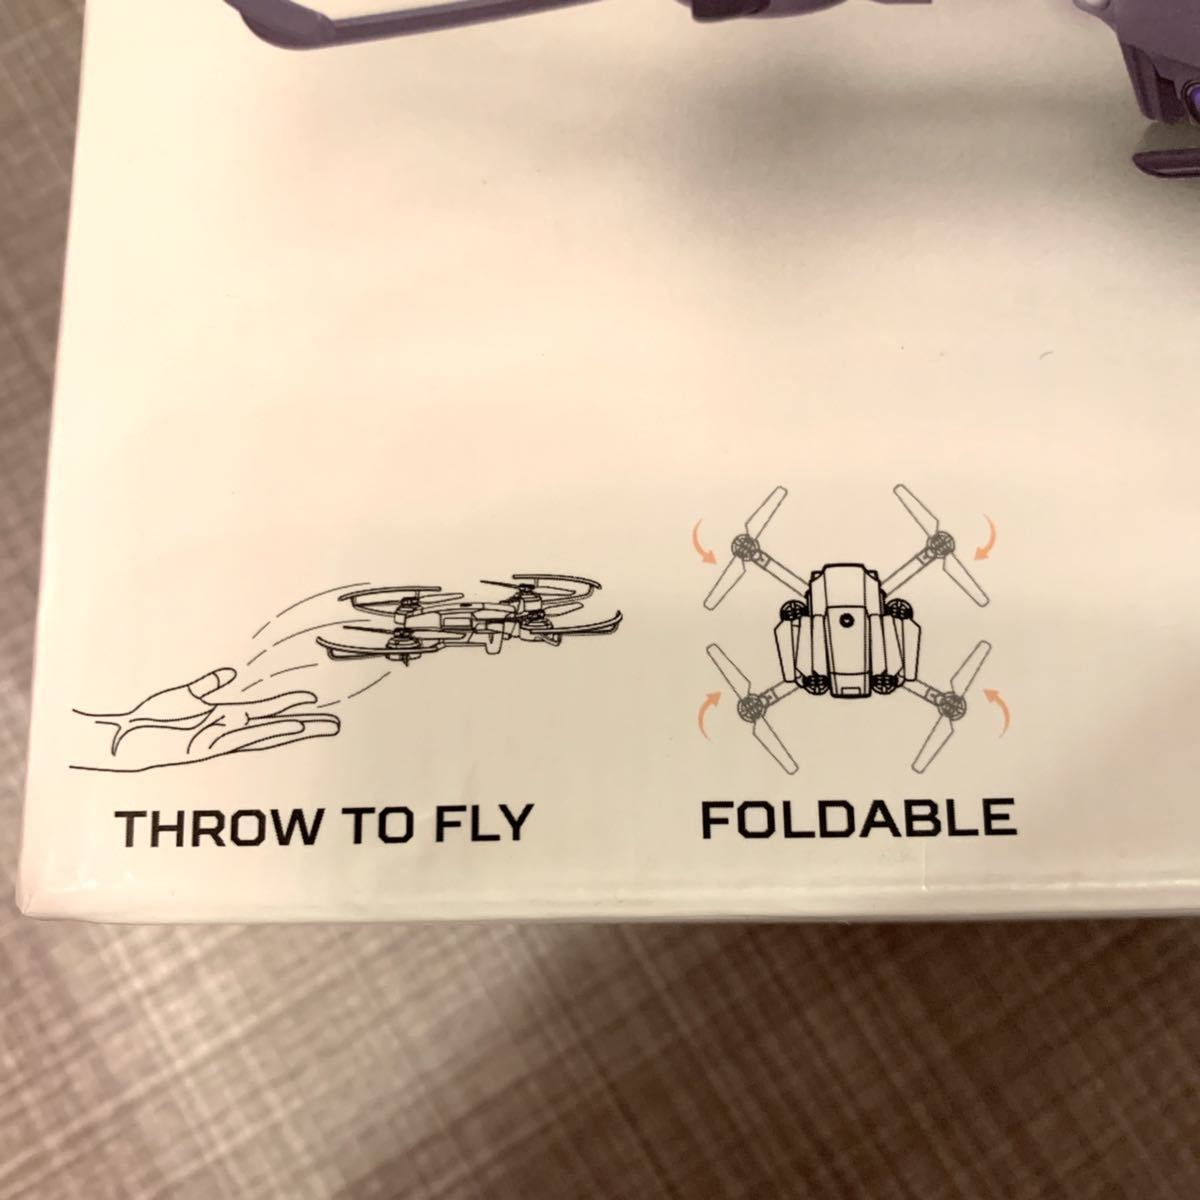 【底値】ドローン 折り畳み式 小型 ミニ ラジコン トイドローン